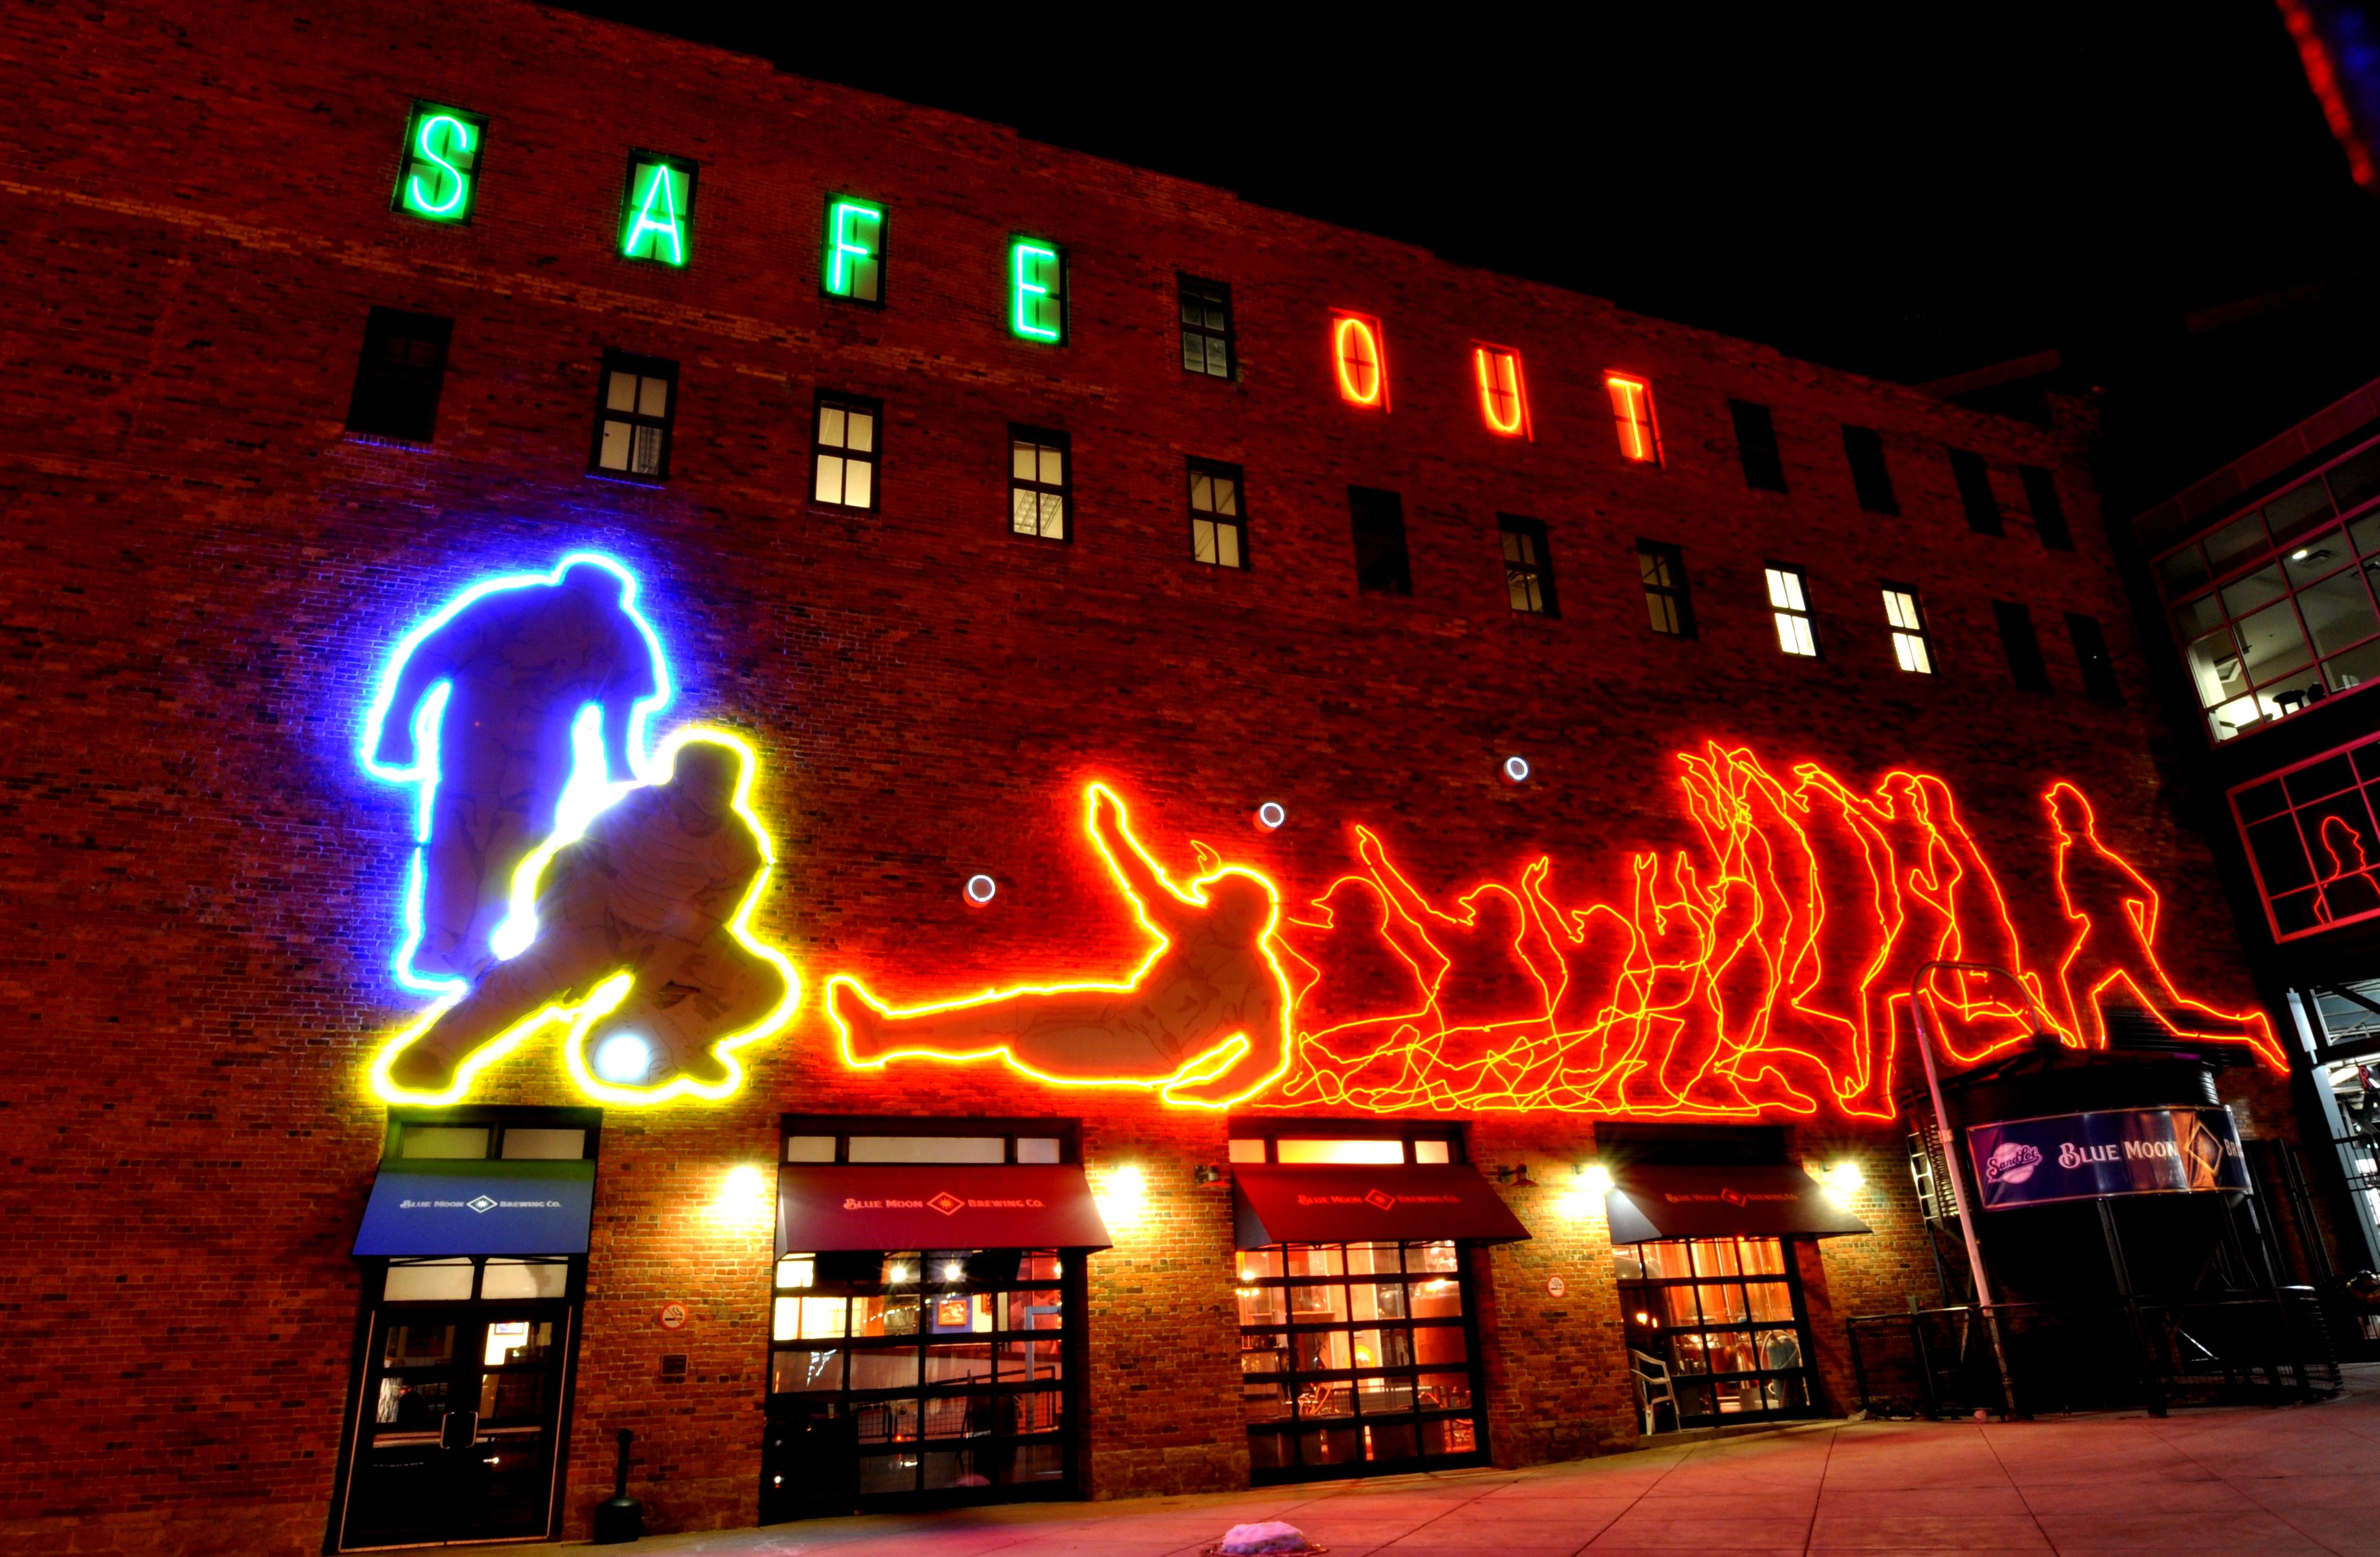 File:Coors Field Lights, Denver Colorado.JPG - Wikimedia ...